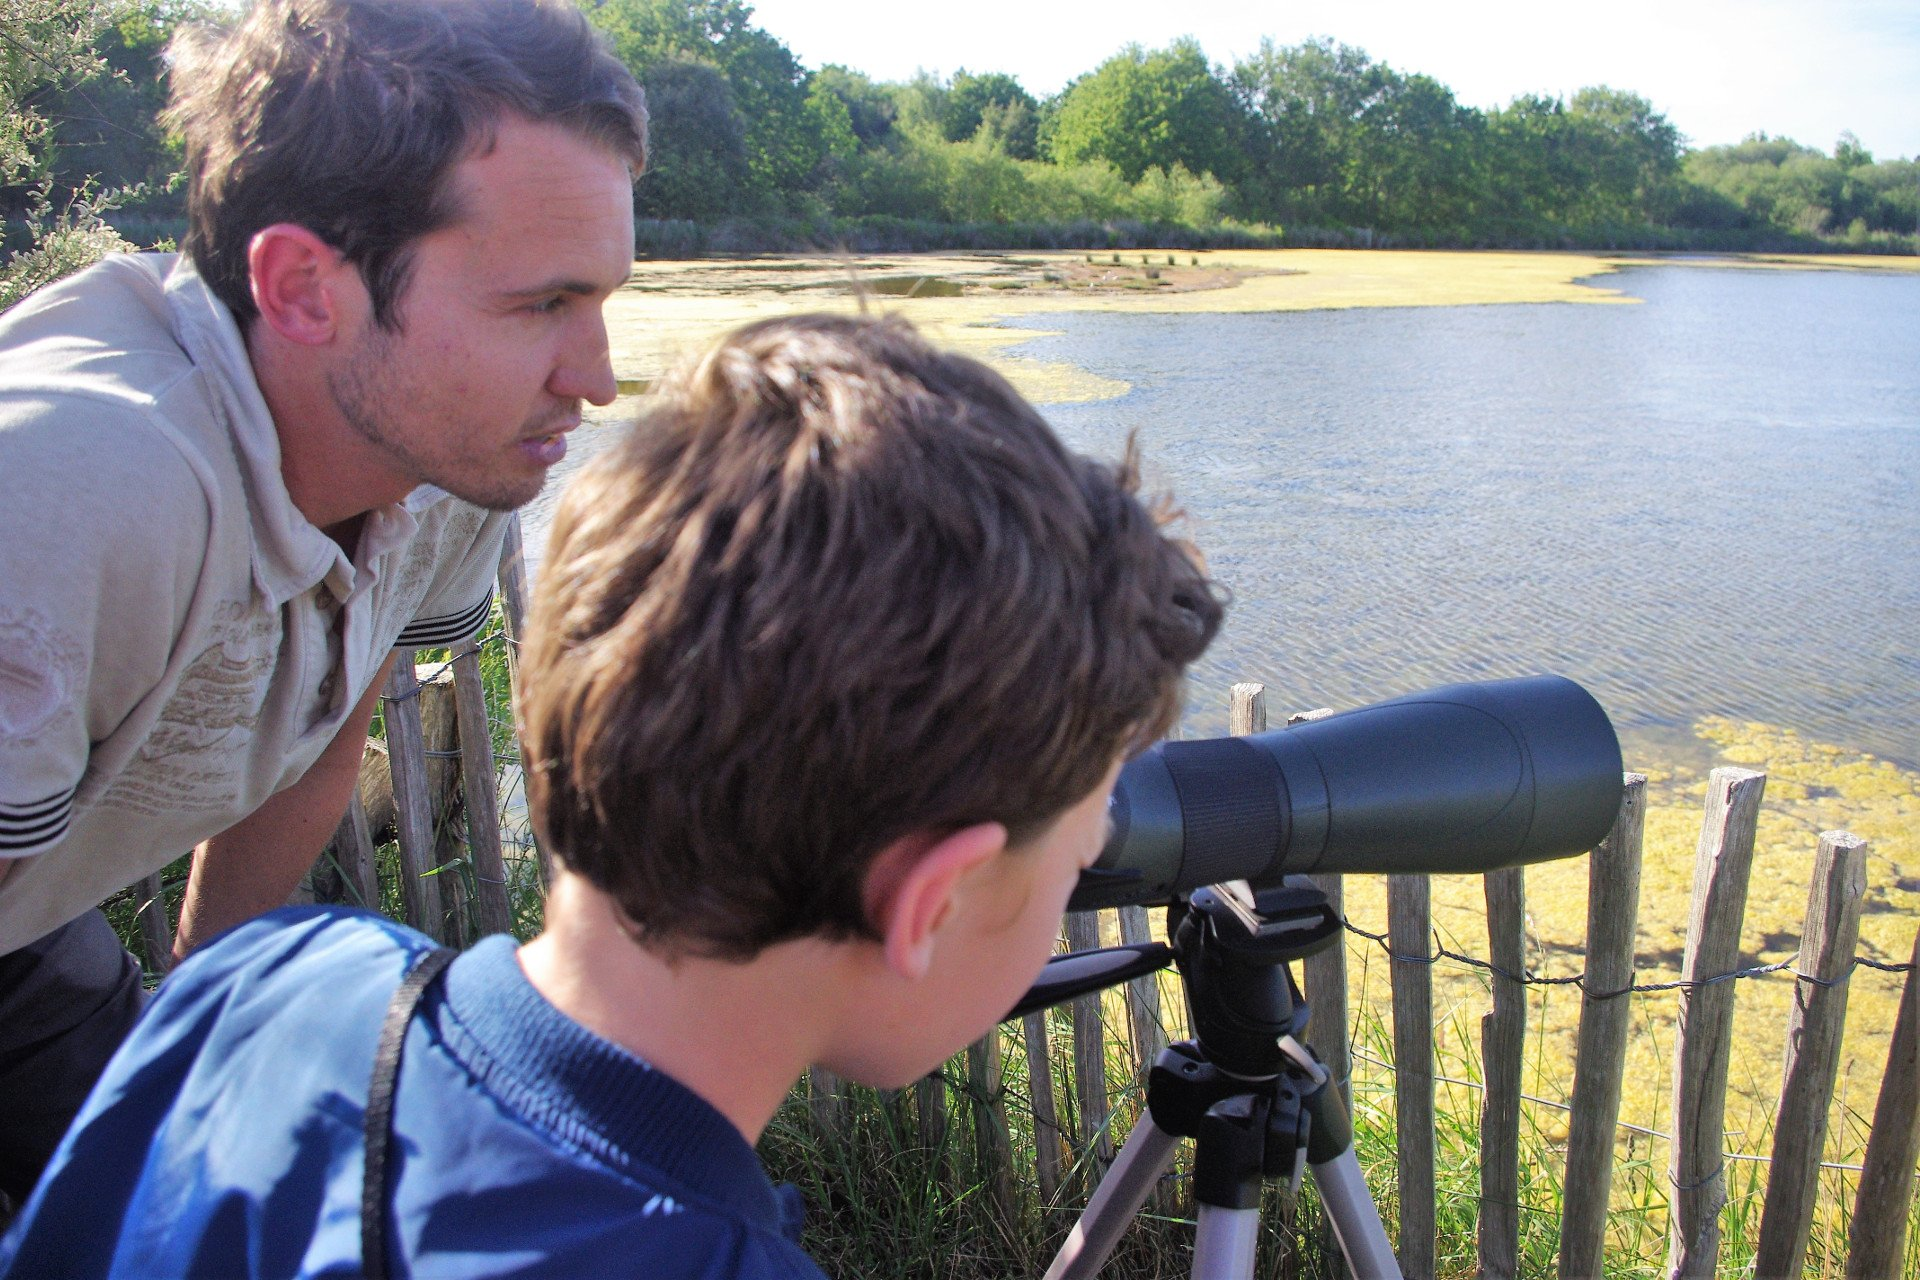 télescope-tour privé-enfants-Morbihan-Bretagne-France